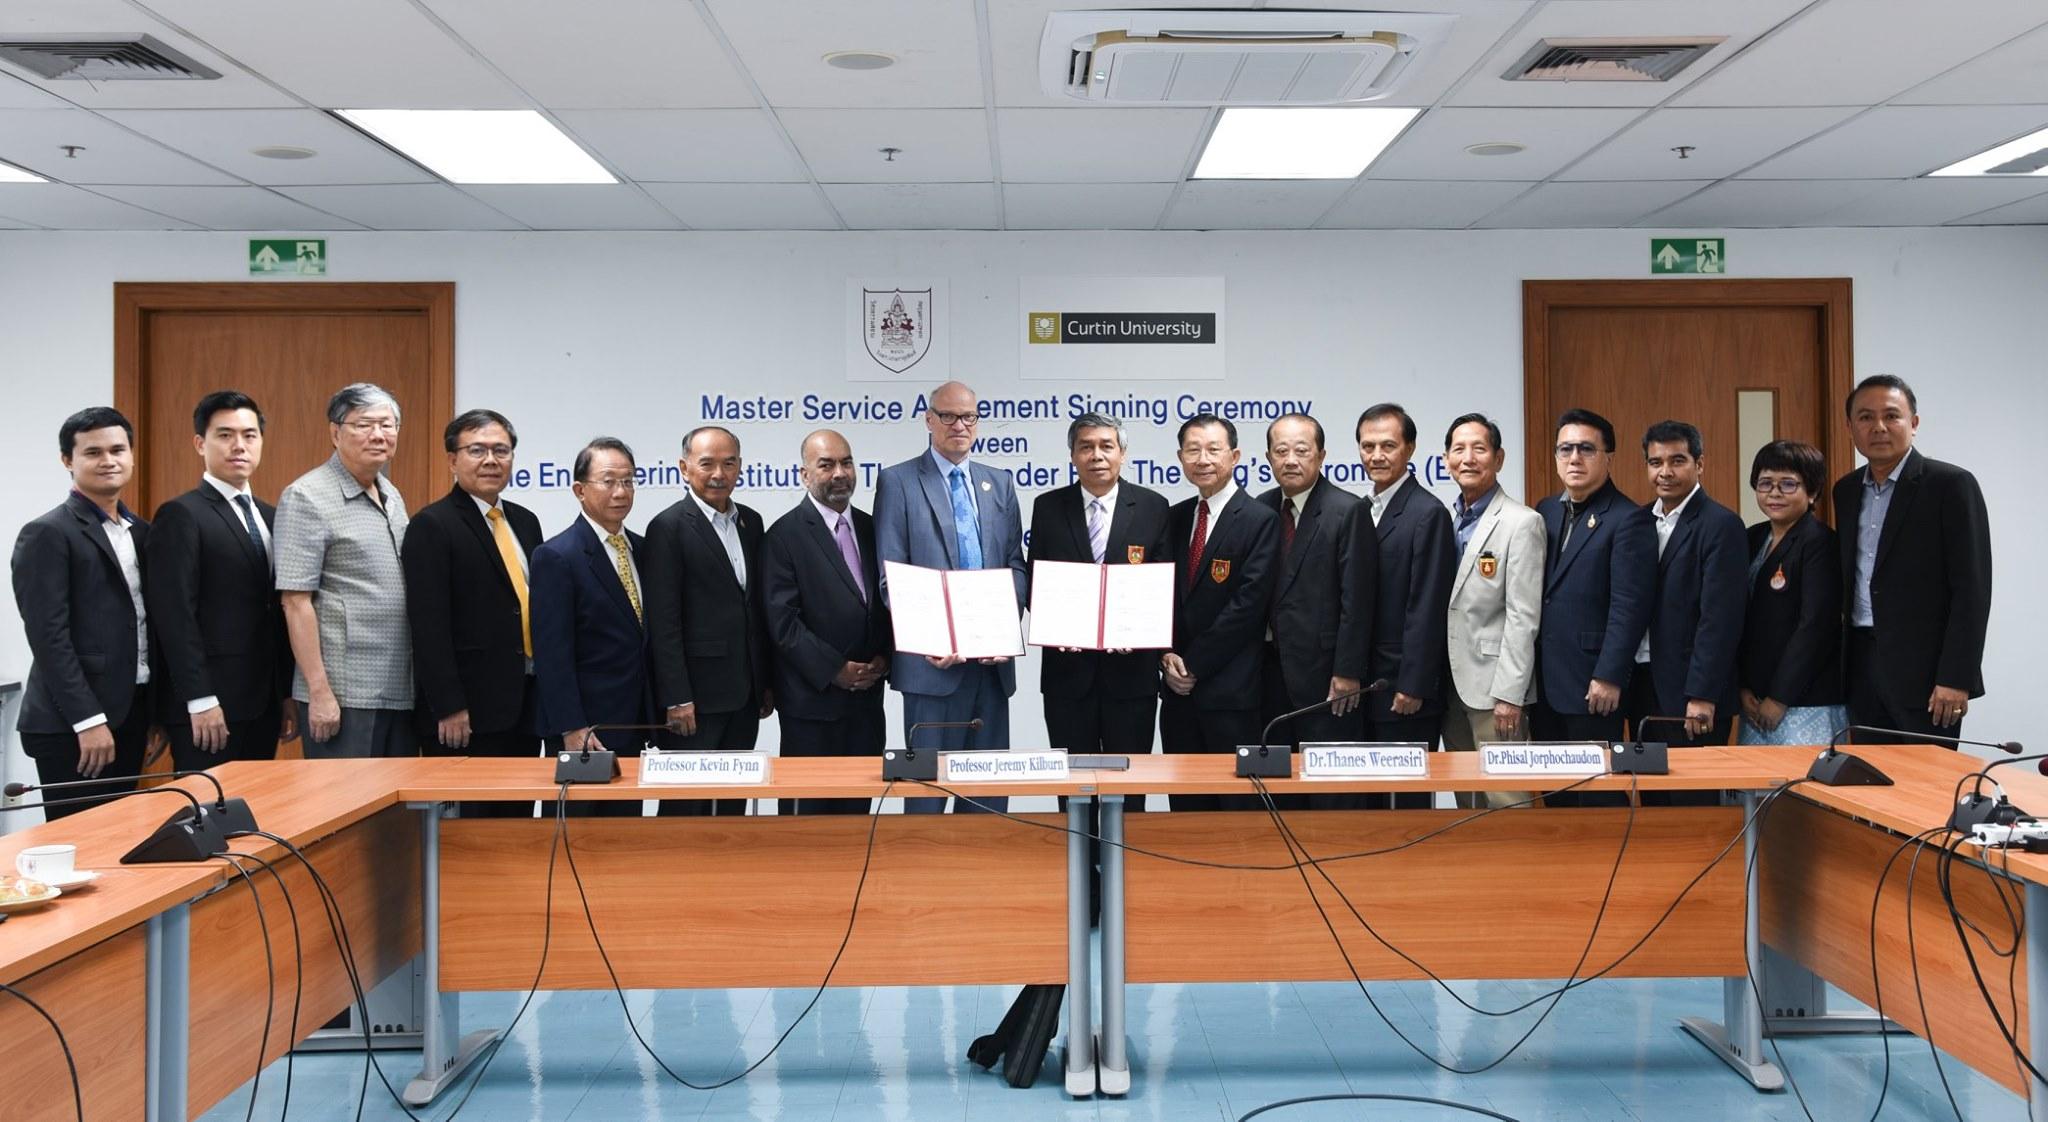 พิธีลงนามบันทึกข้อตกลงความร่วมมือทางวิชาการด้านวิศวกรรม ระหว่างวิศวกรรมสถานแห่งประเทศไทย ในพระบรมราชูปถัมภ์ (วสท.) กับ Curtin University